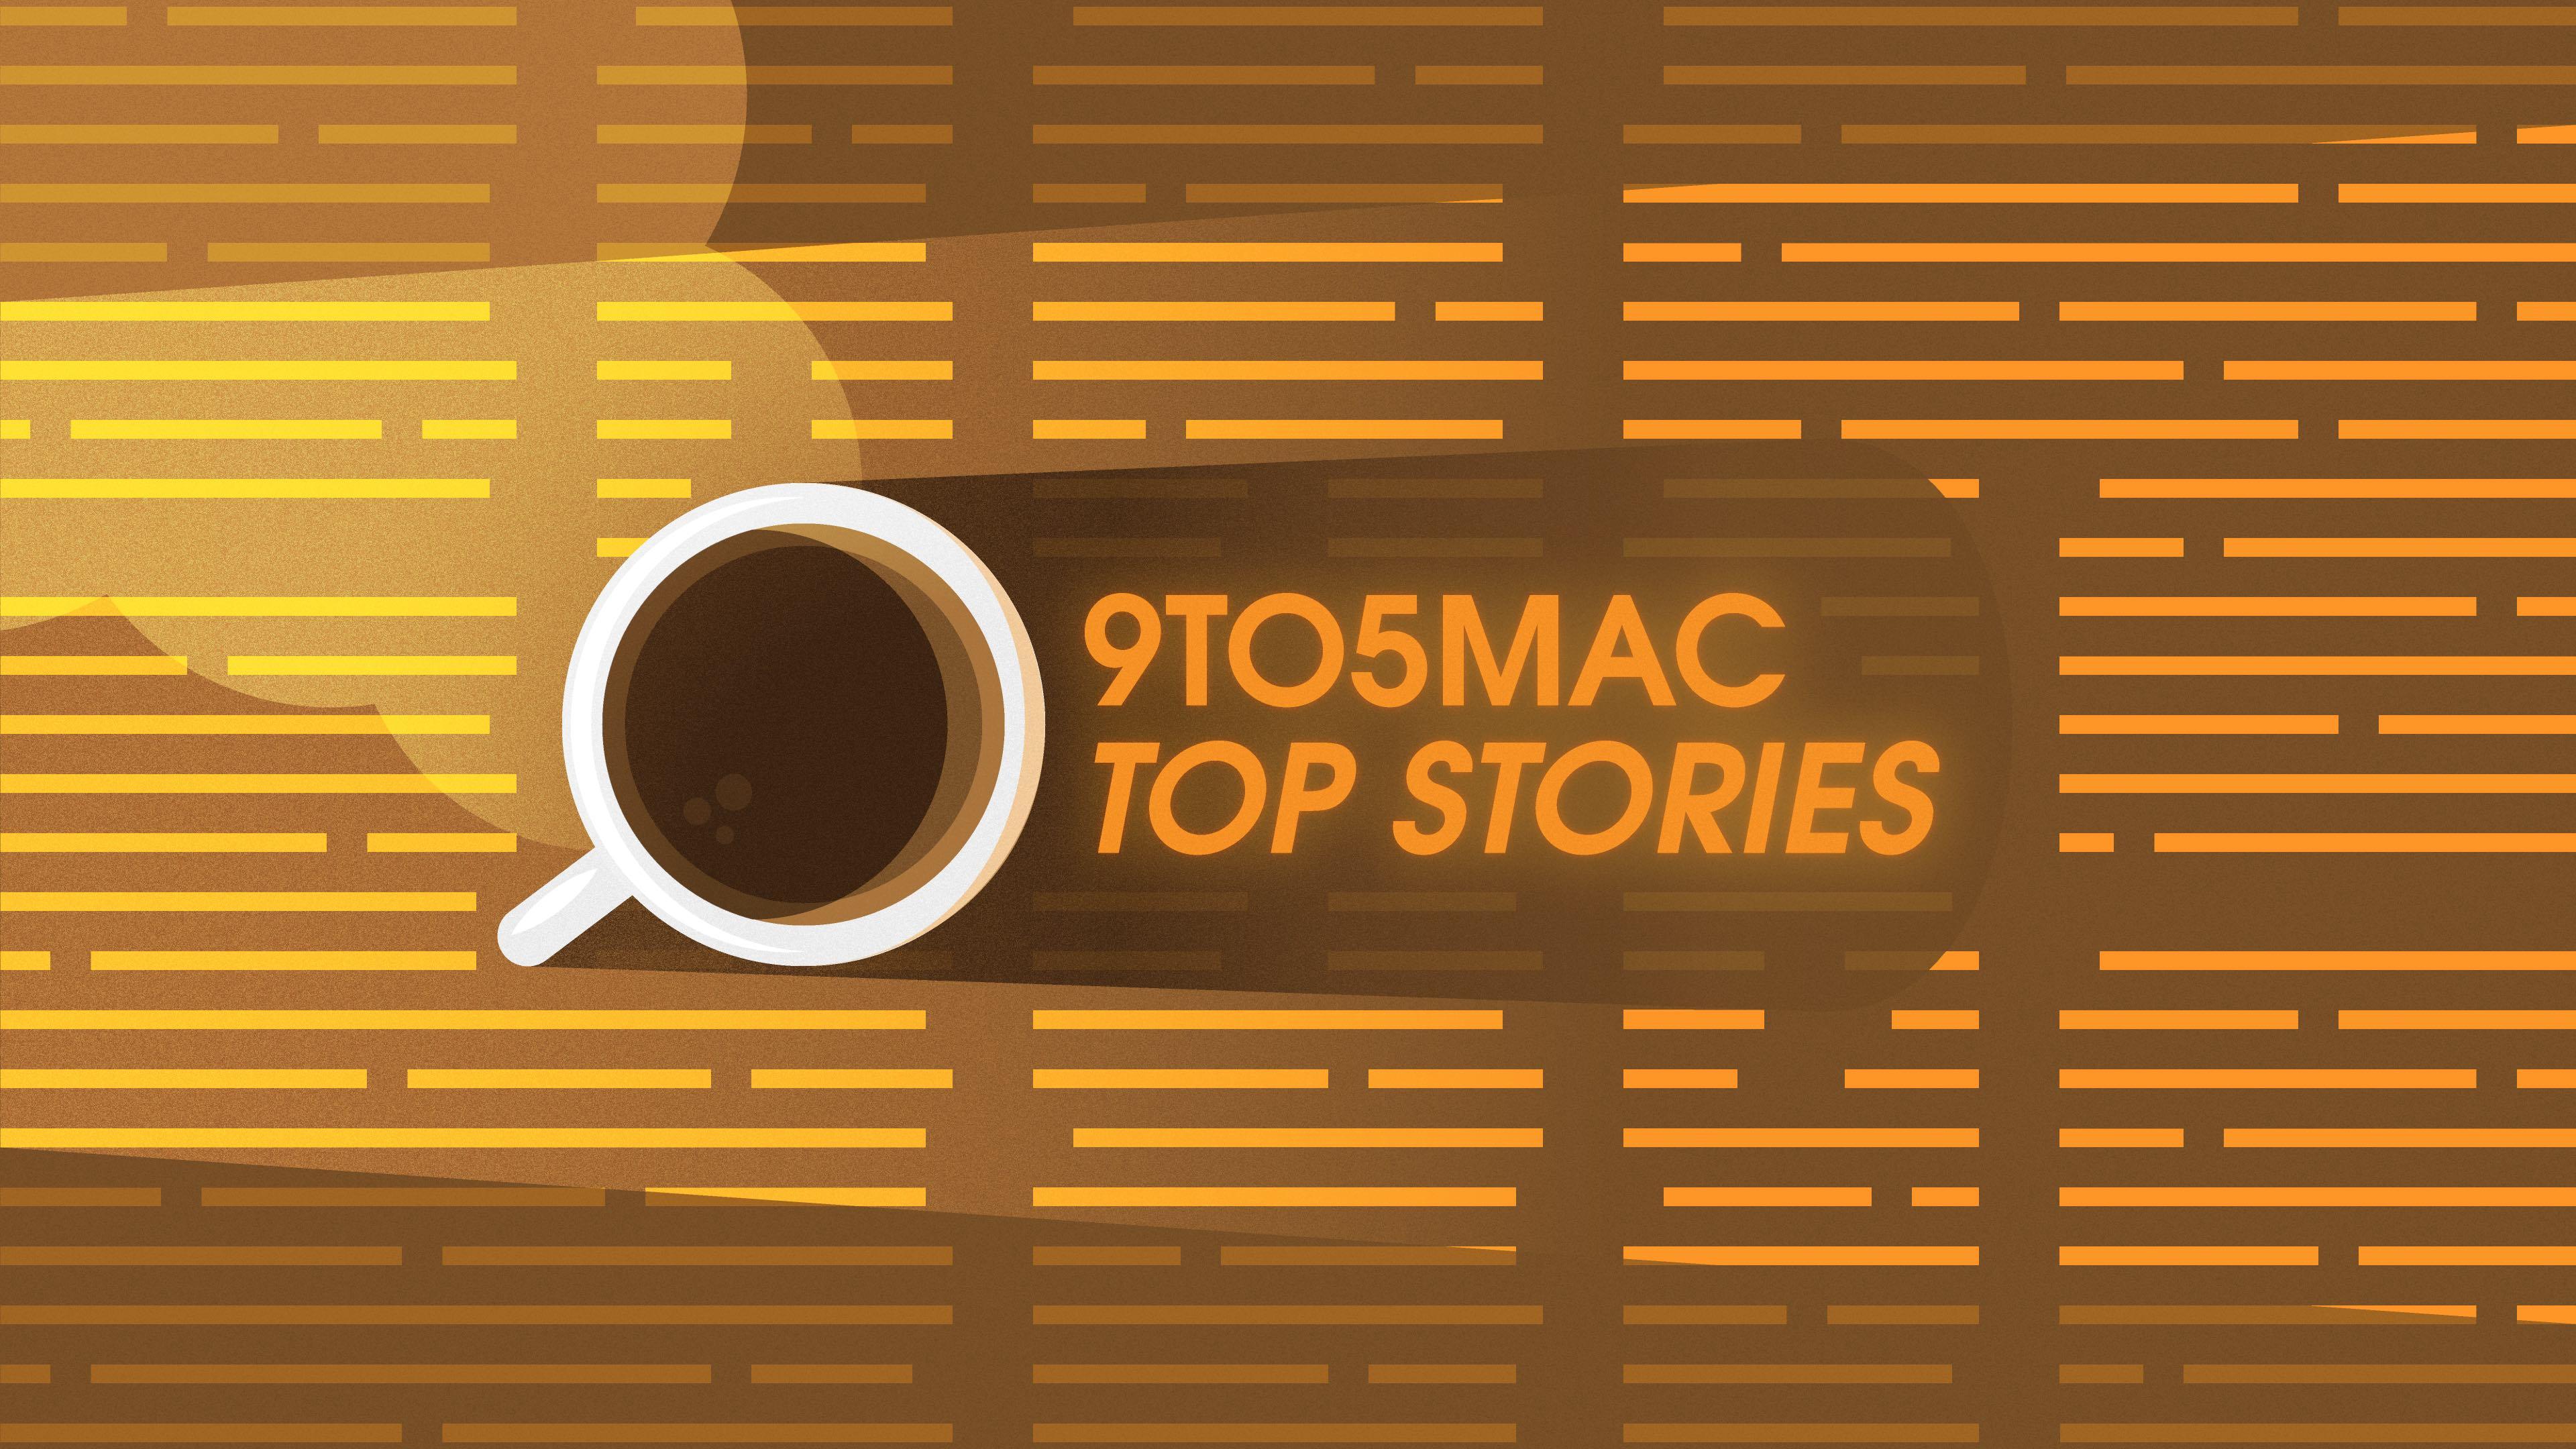 This week's top stories: Titanium iPhone, iOS 15 beta changes, AAPL earnings, more